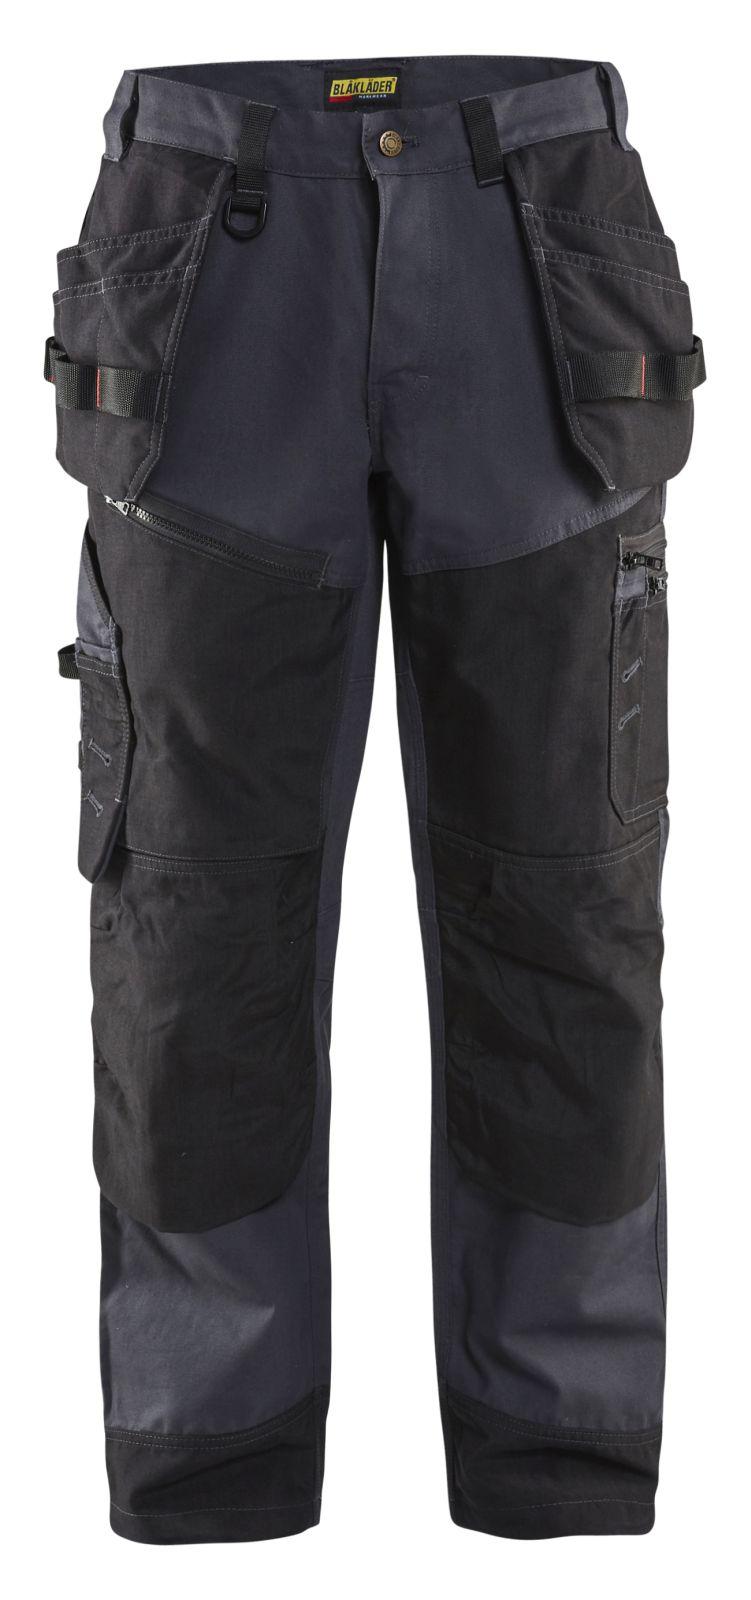 Blaklader Broeken 15001320 staalblauw-zwart(8399)